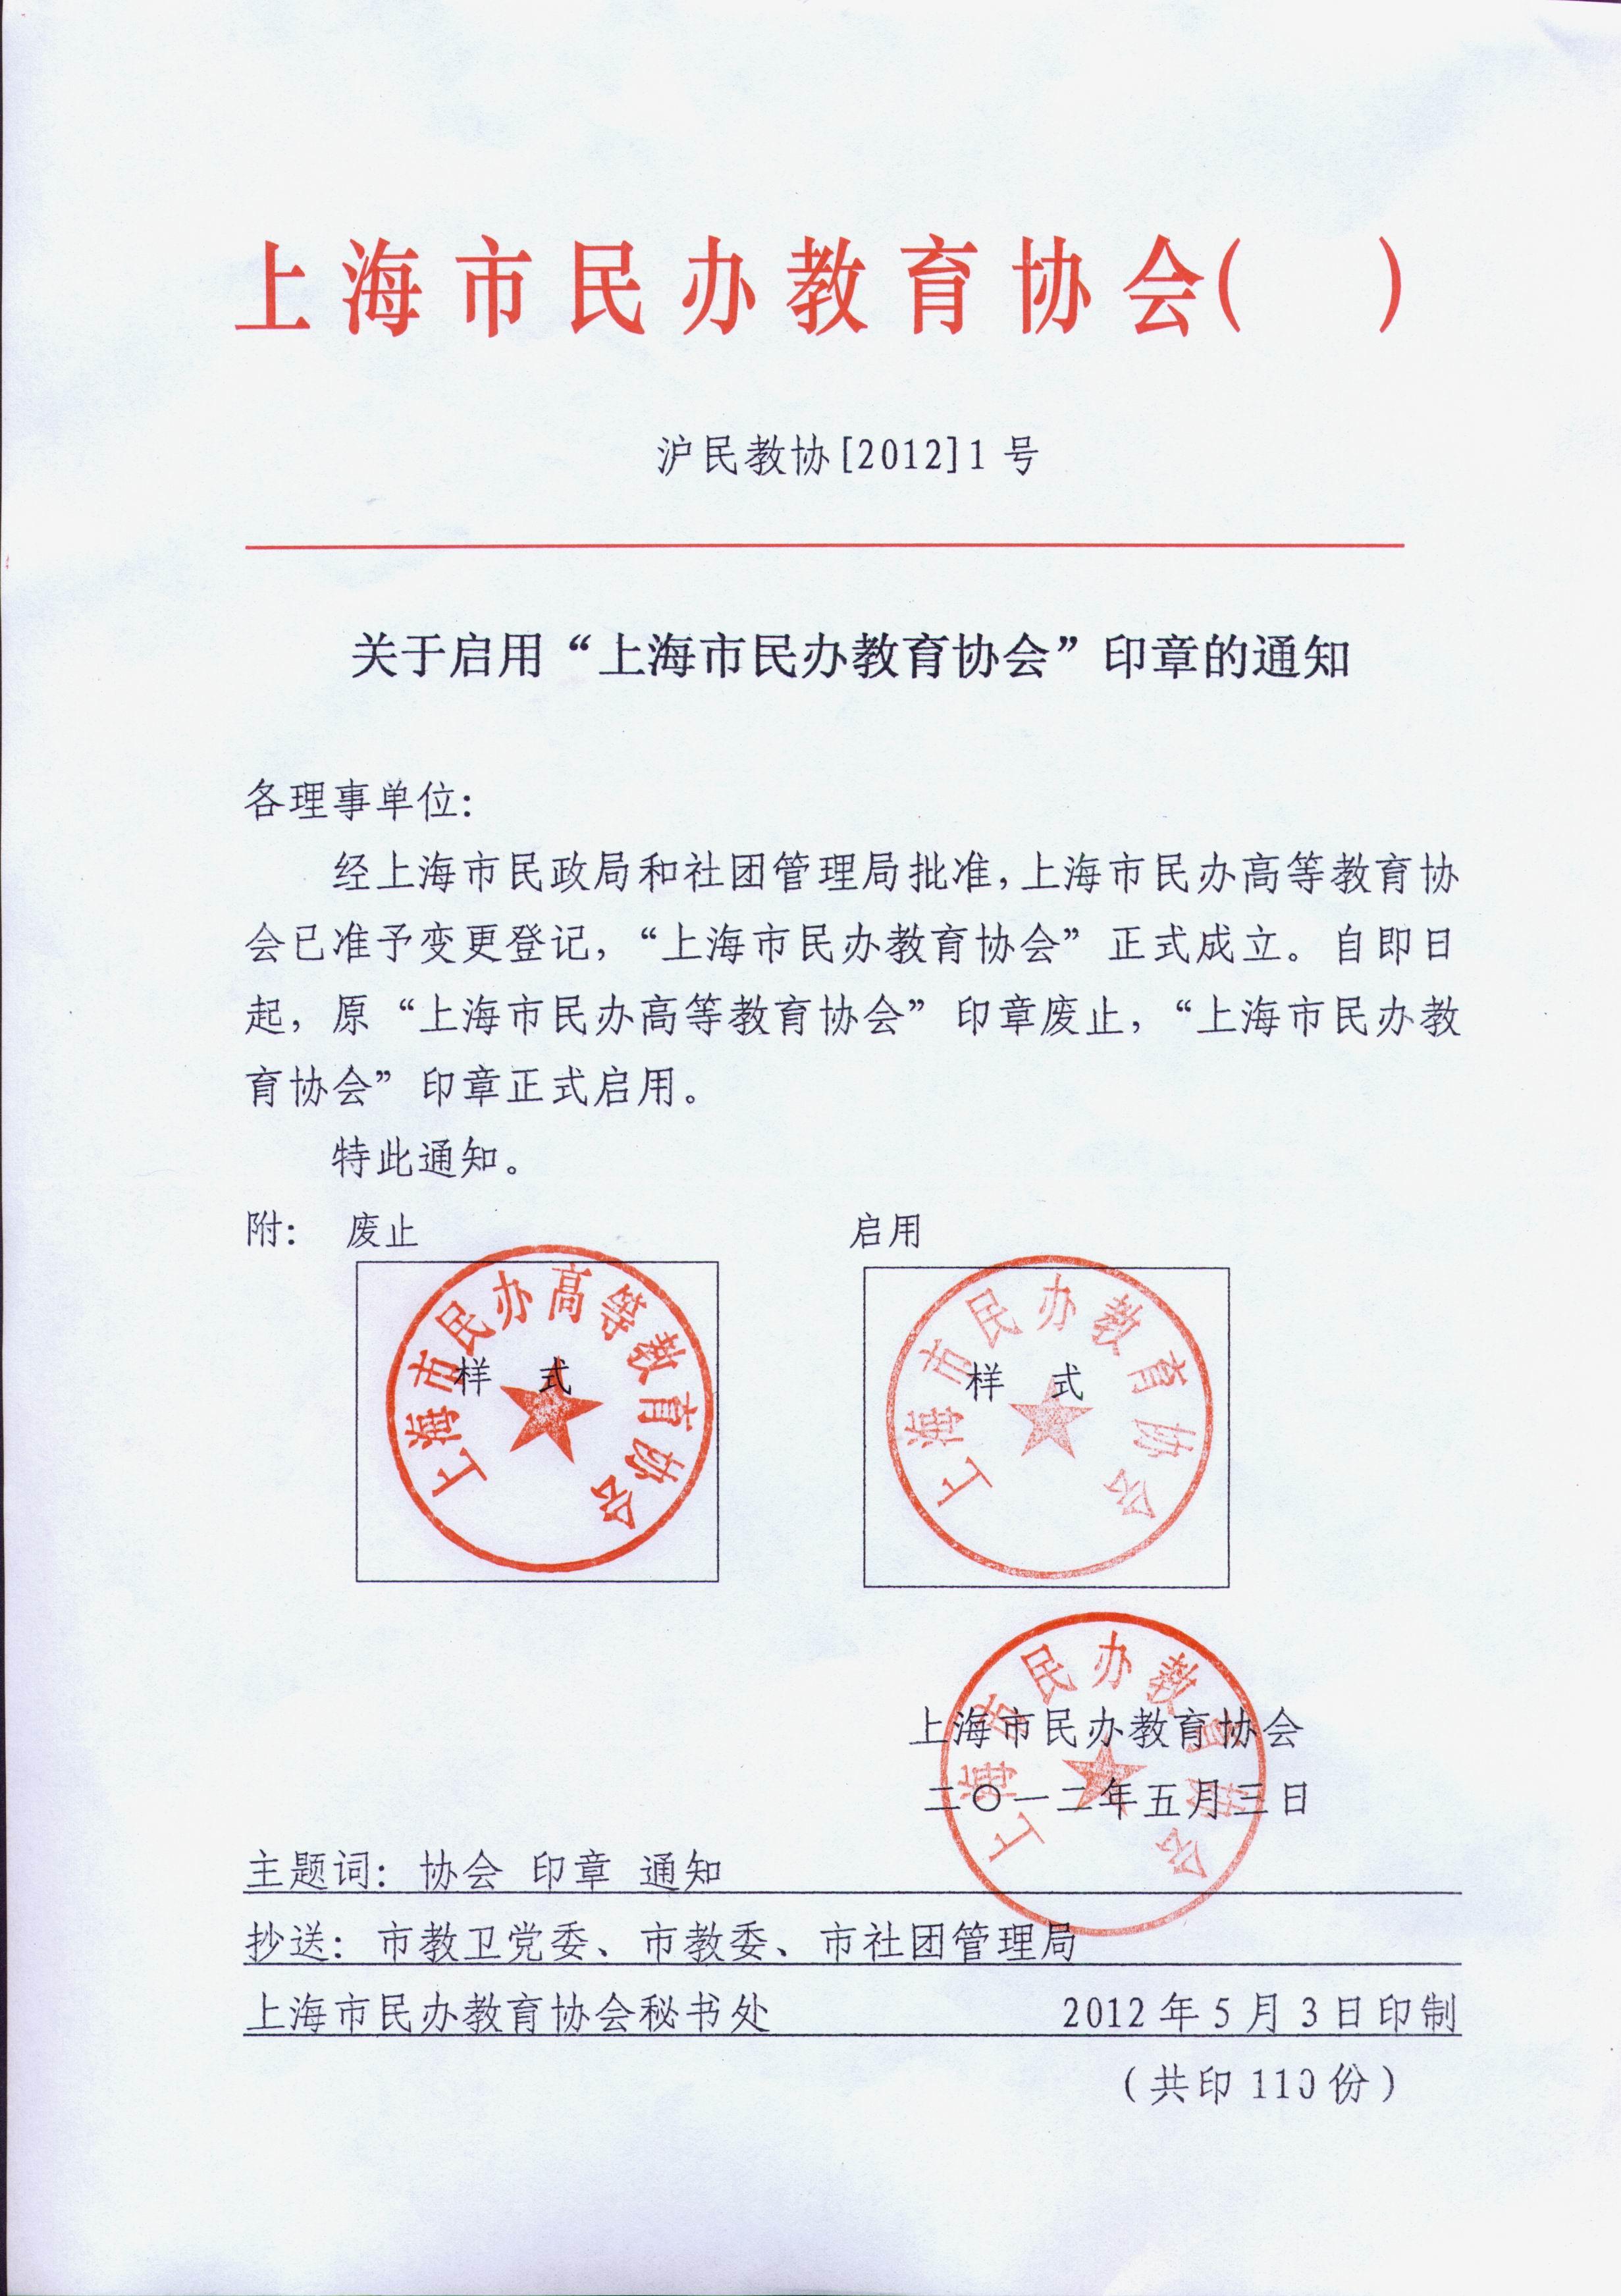 上海公司采购部电话_上海调查公司电话_美国戴安公司上海 电话